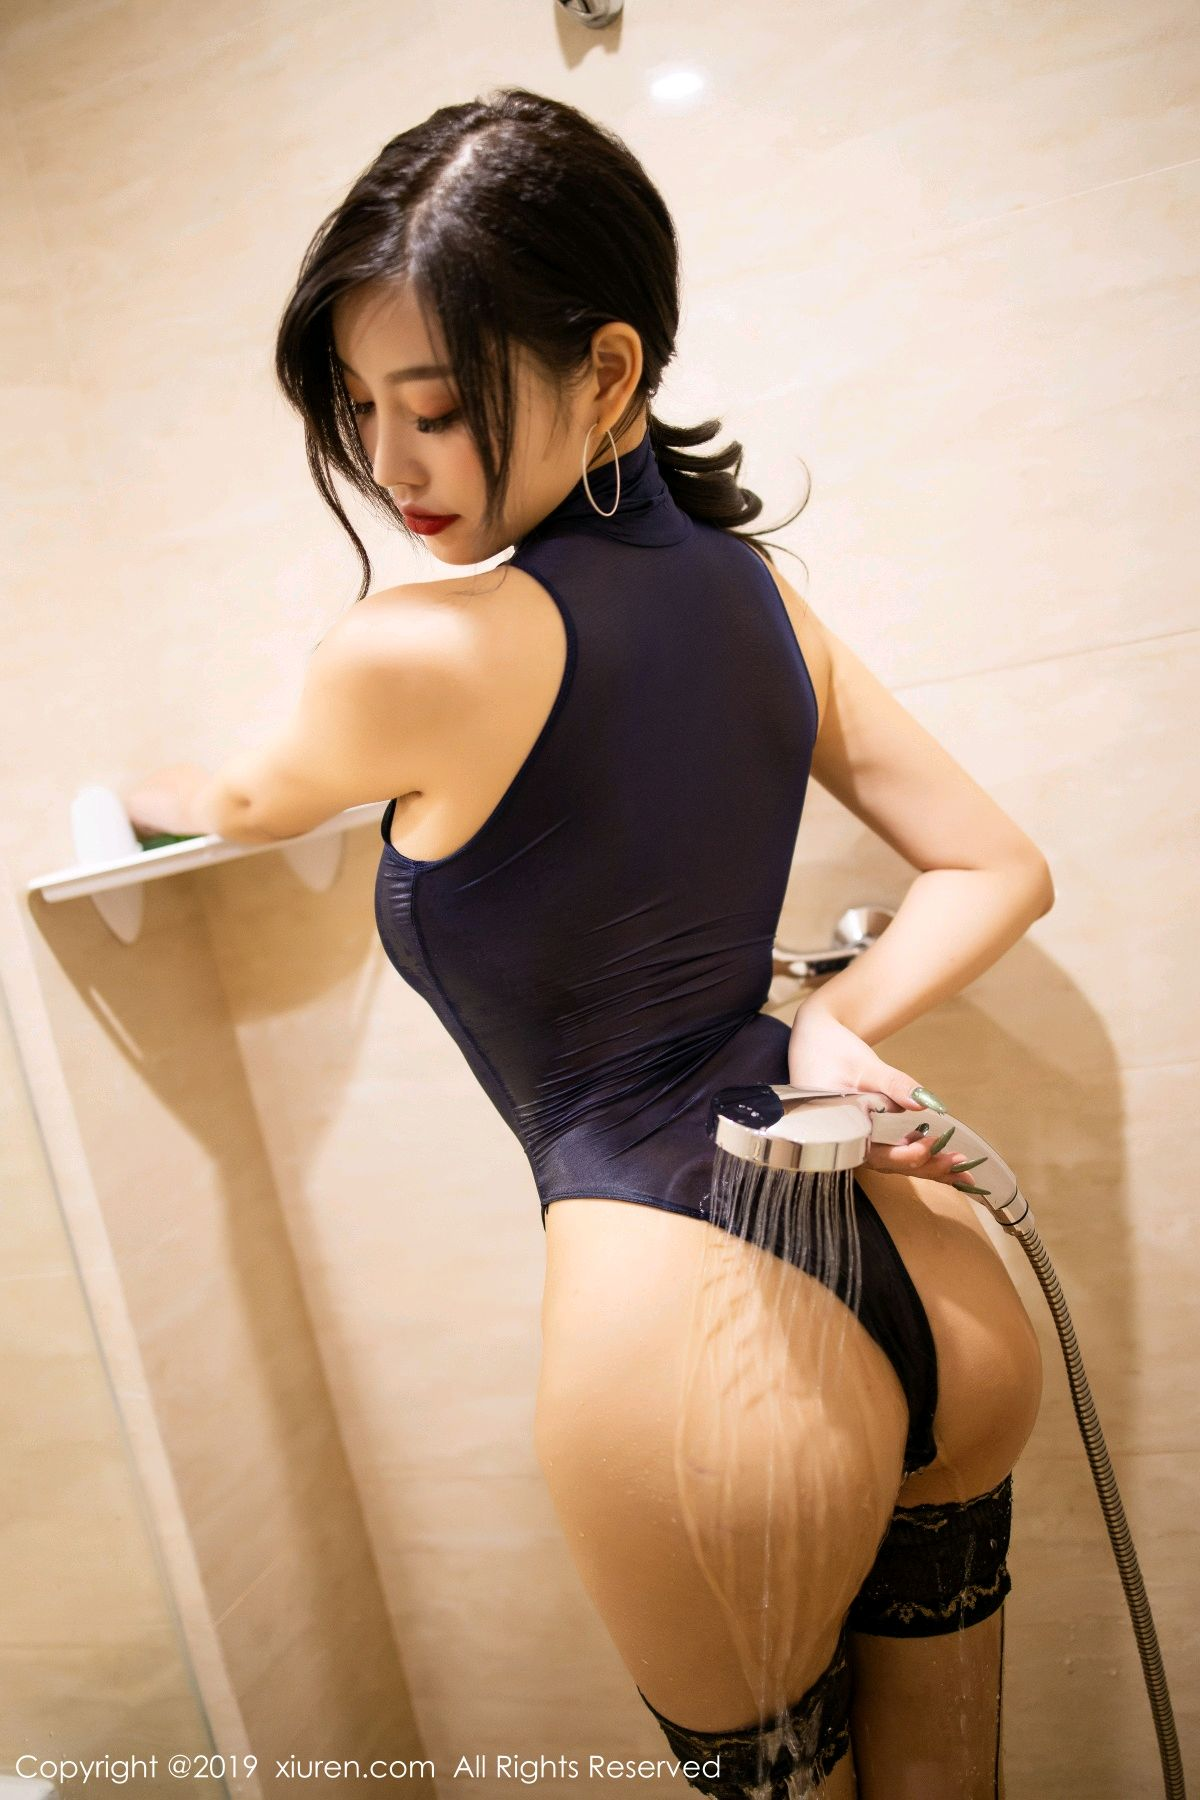 [XiuRen] Vol.1797 Yang Chen Chen 40P, Adult, Bathroom, Wet, Xiuren, Yang Chen Chen